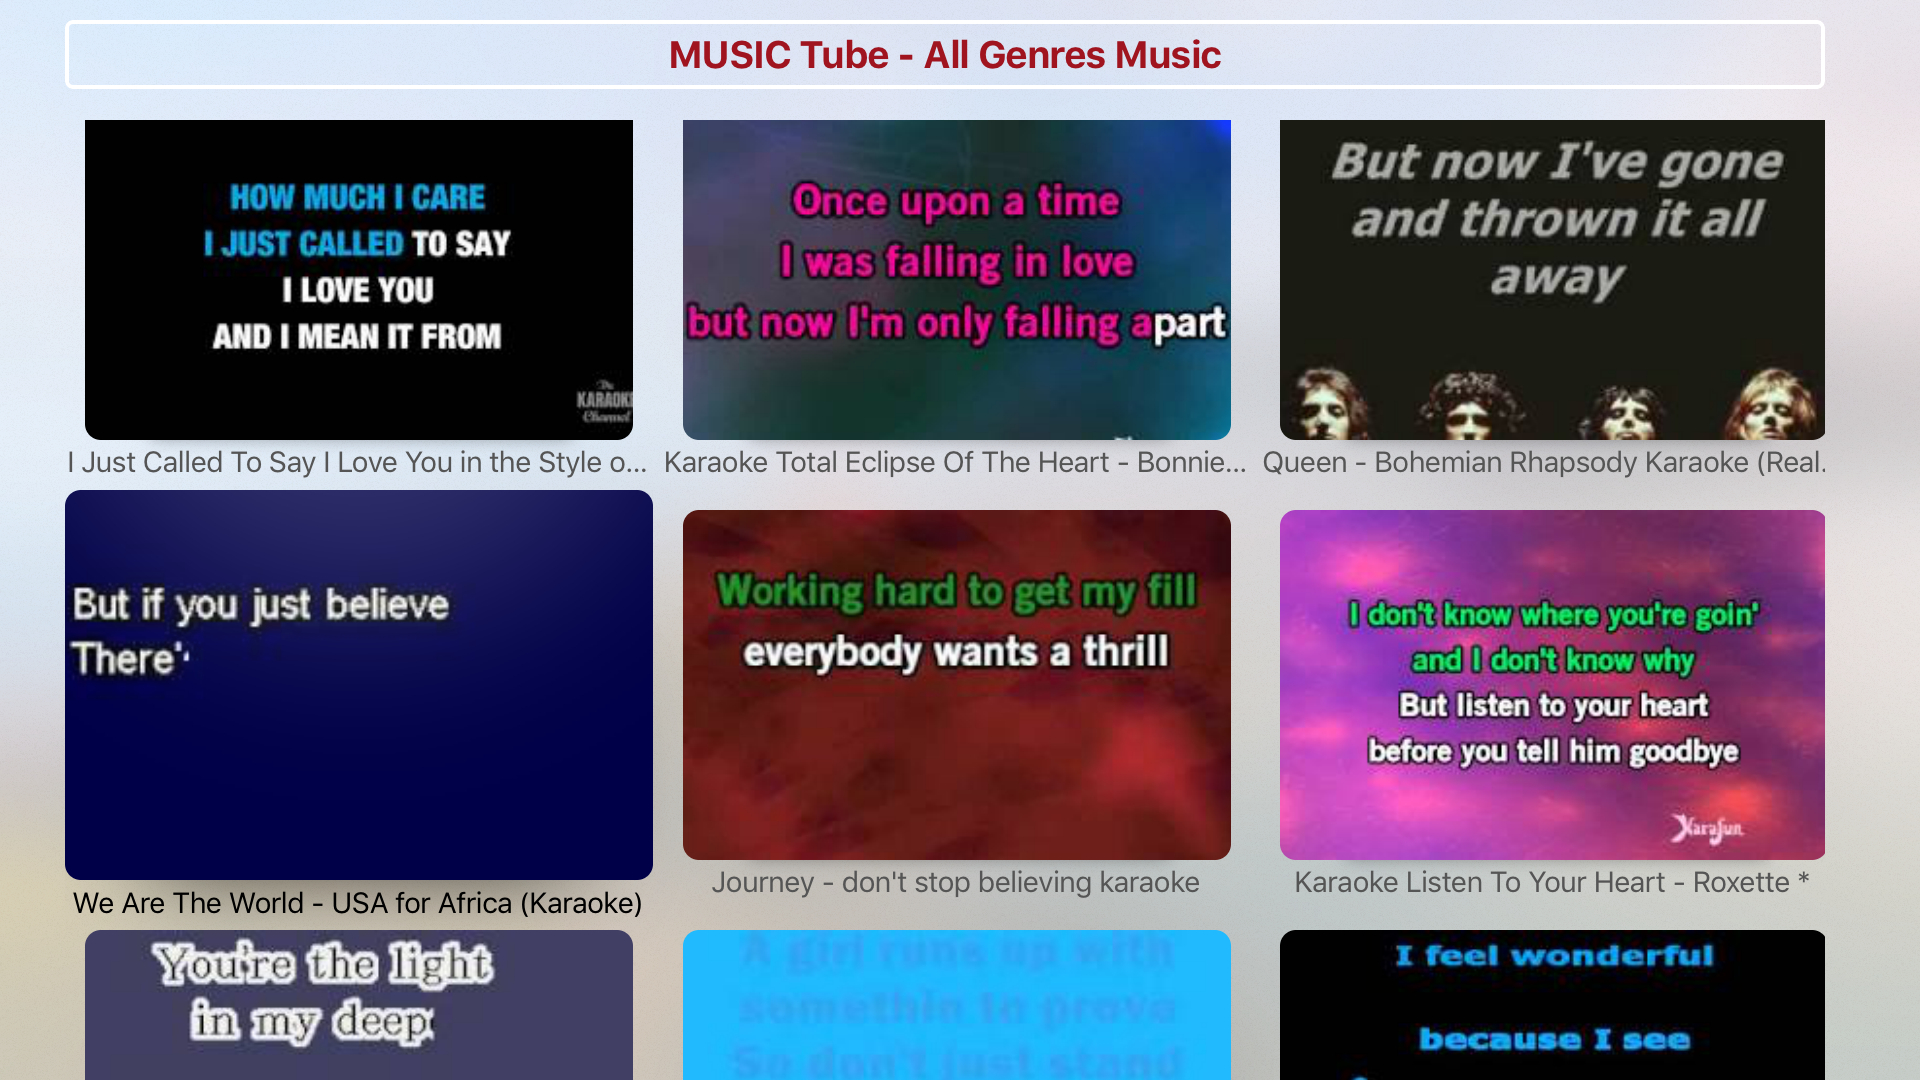 Karaoke Music - All Genres screenshot 2